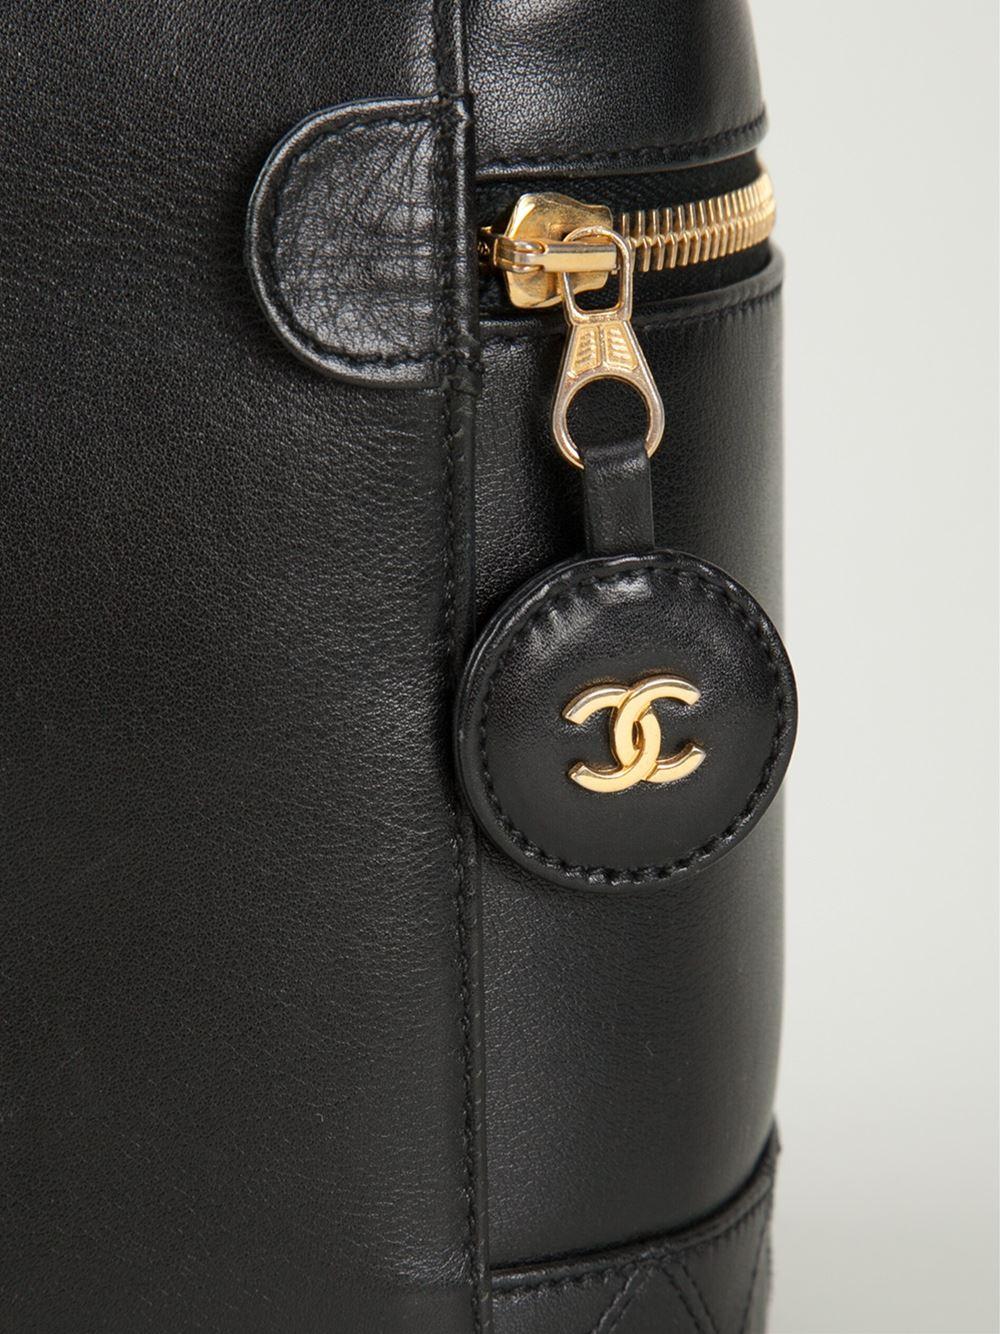 Chanel Vintage Vertical Cosmetic Bag - Bella Bag - Farfetch.com